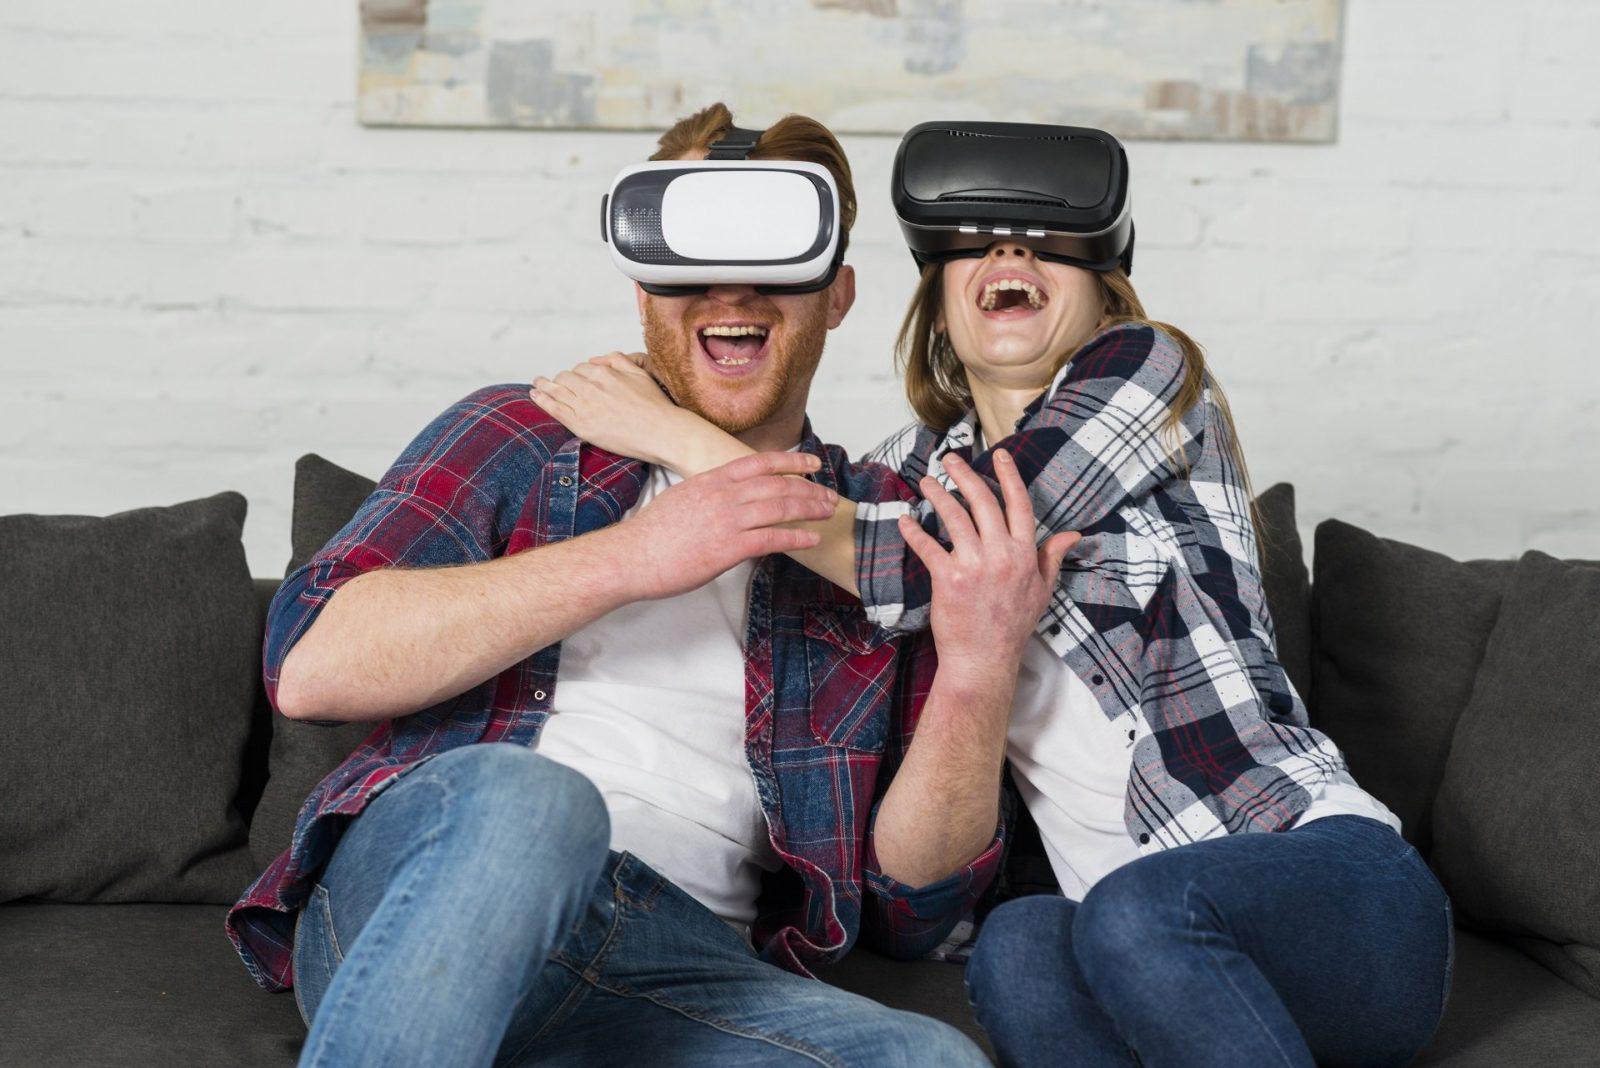 O Futuro das Histórias com a Realidade Virtual